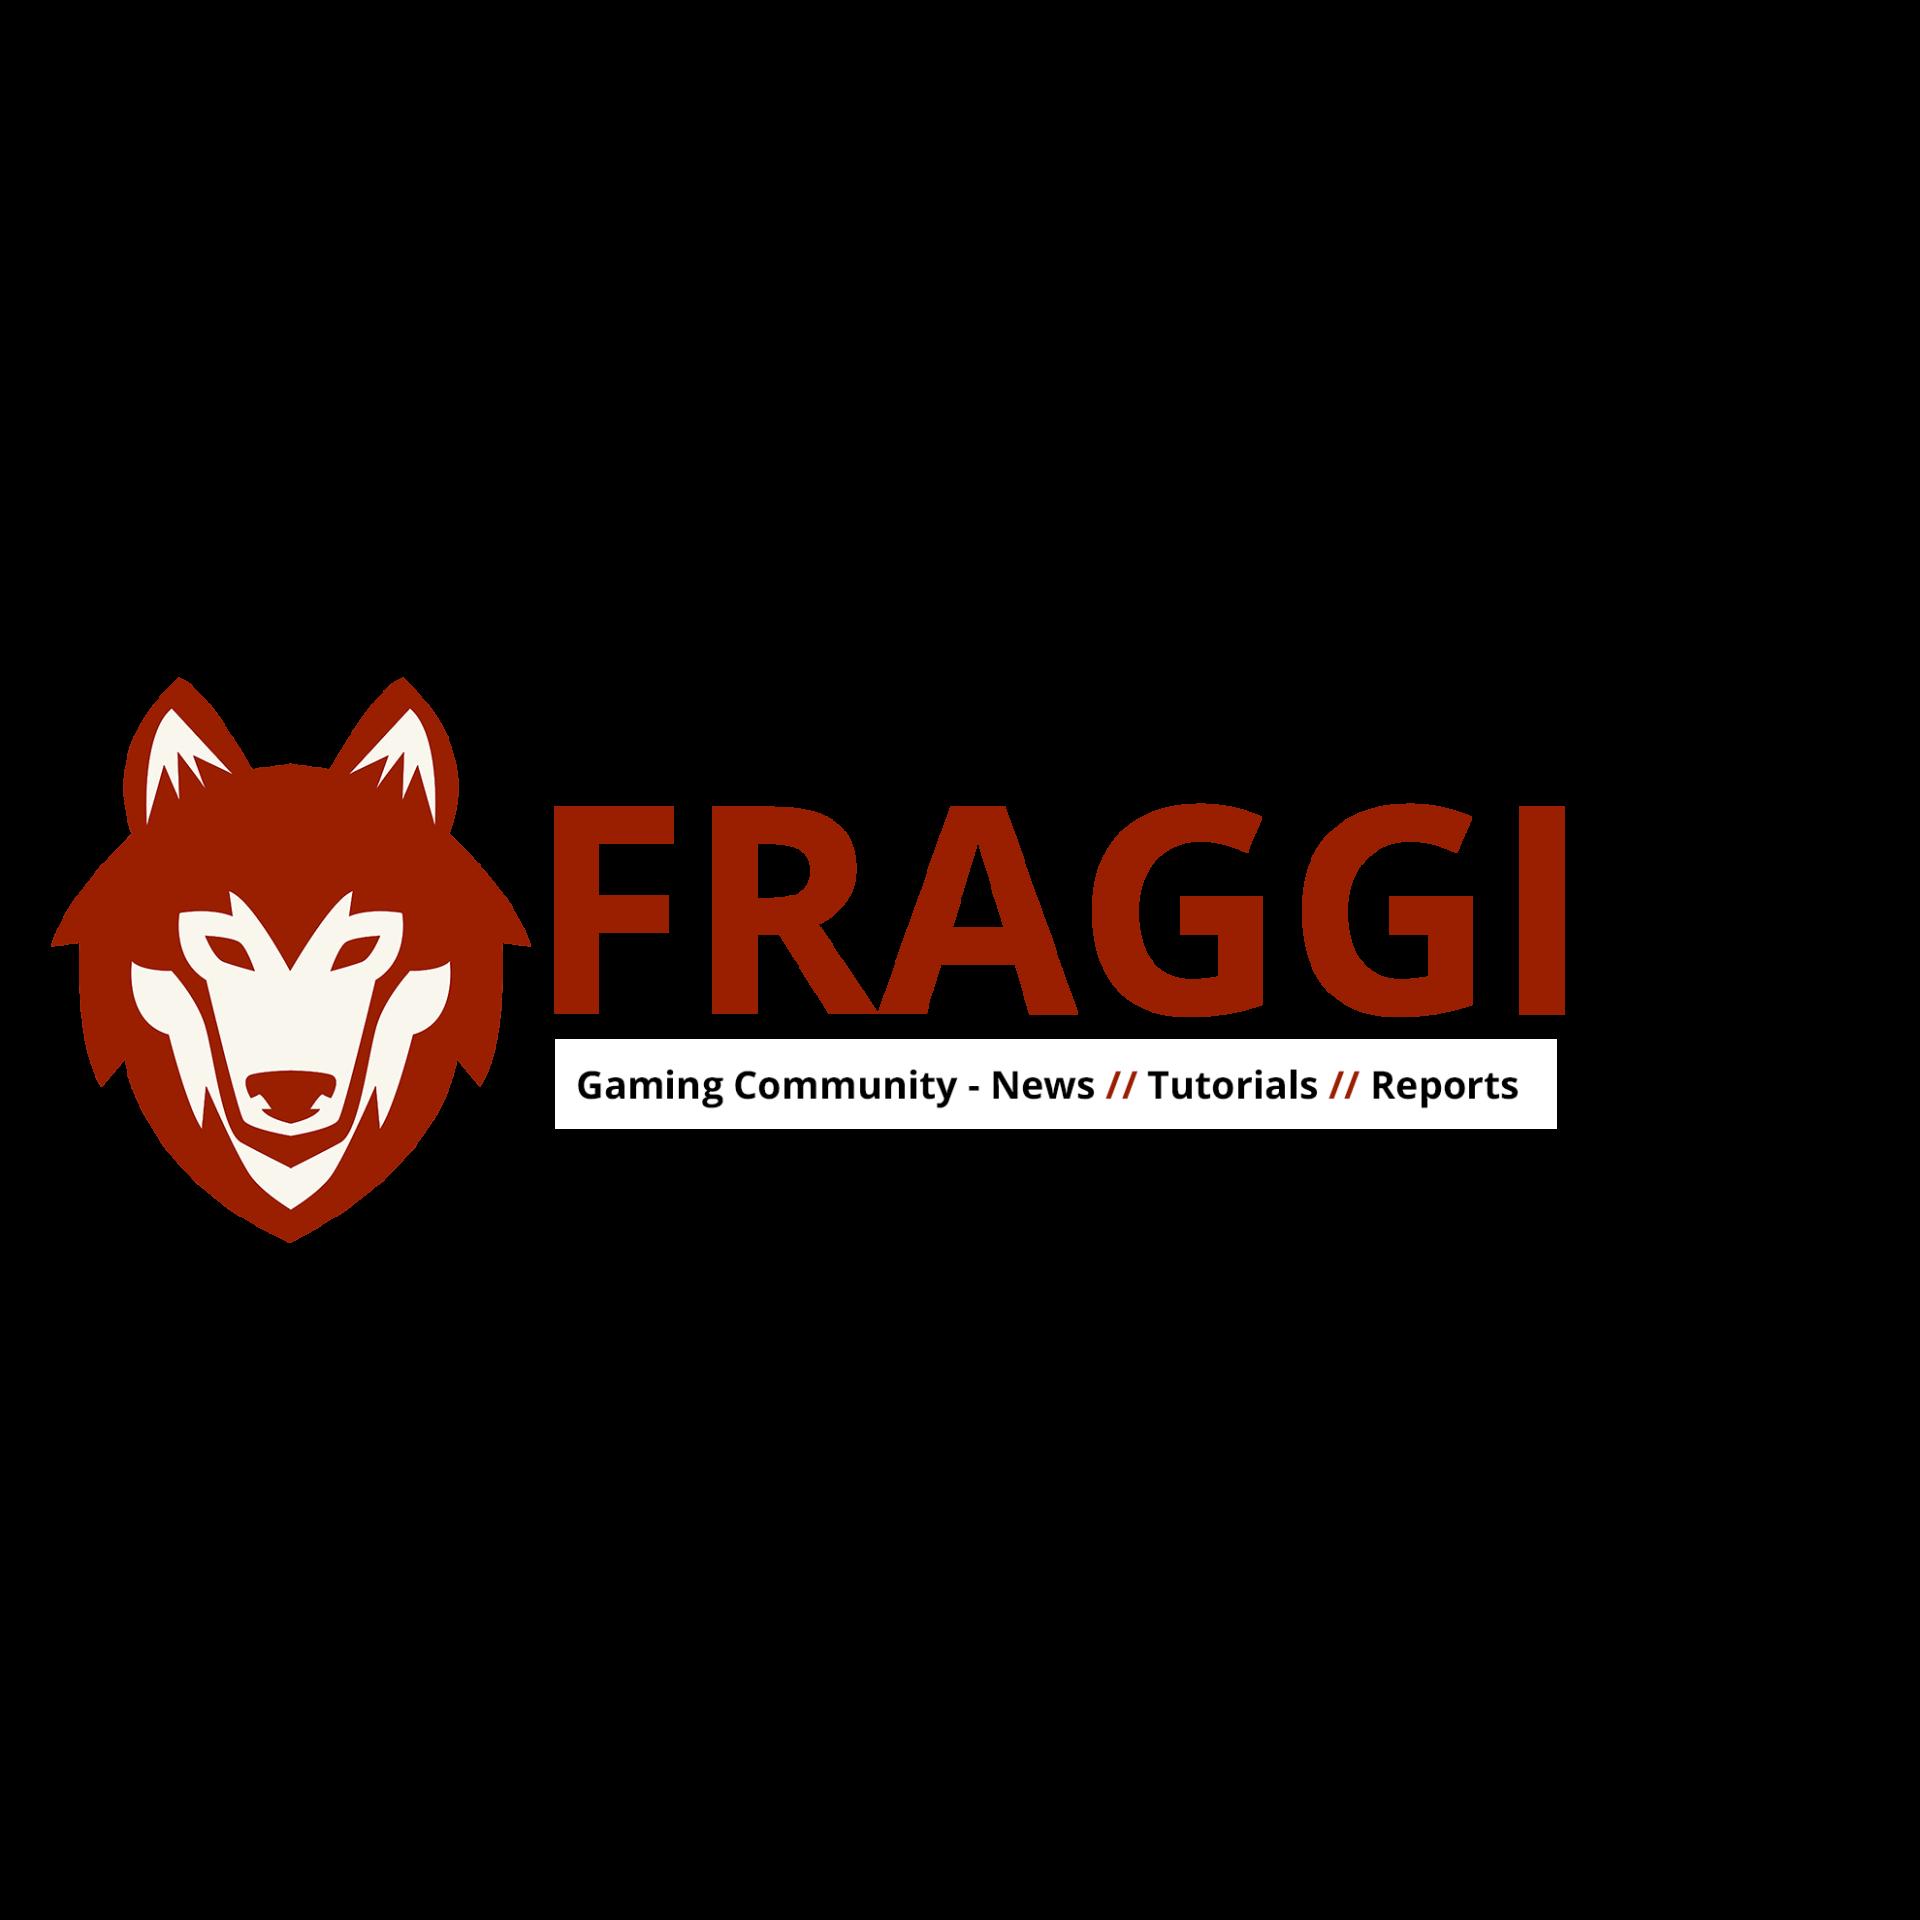 fraggi-logo